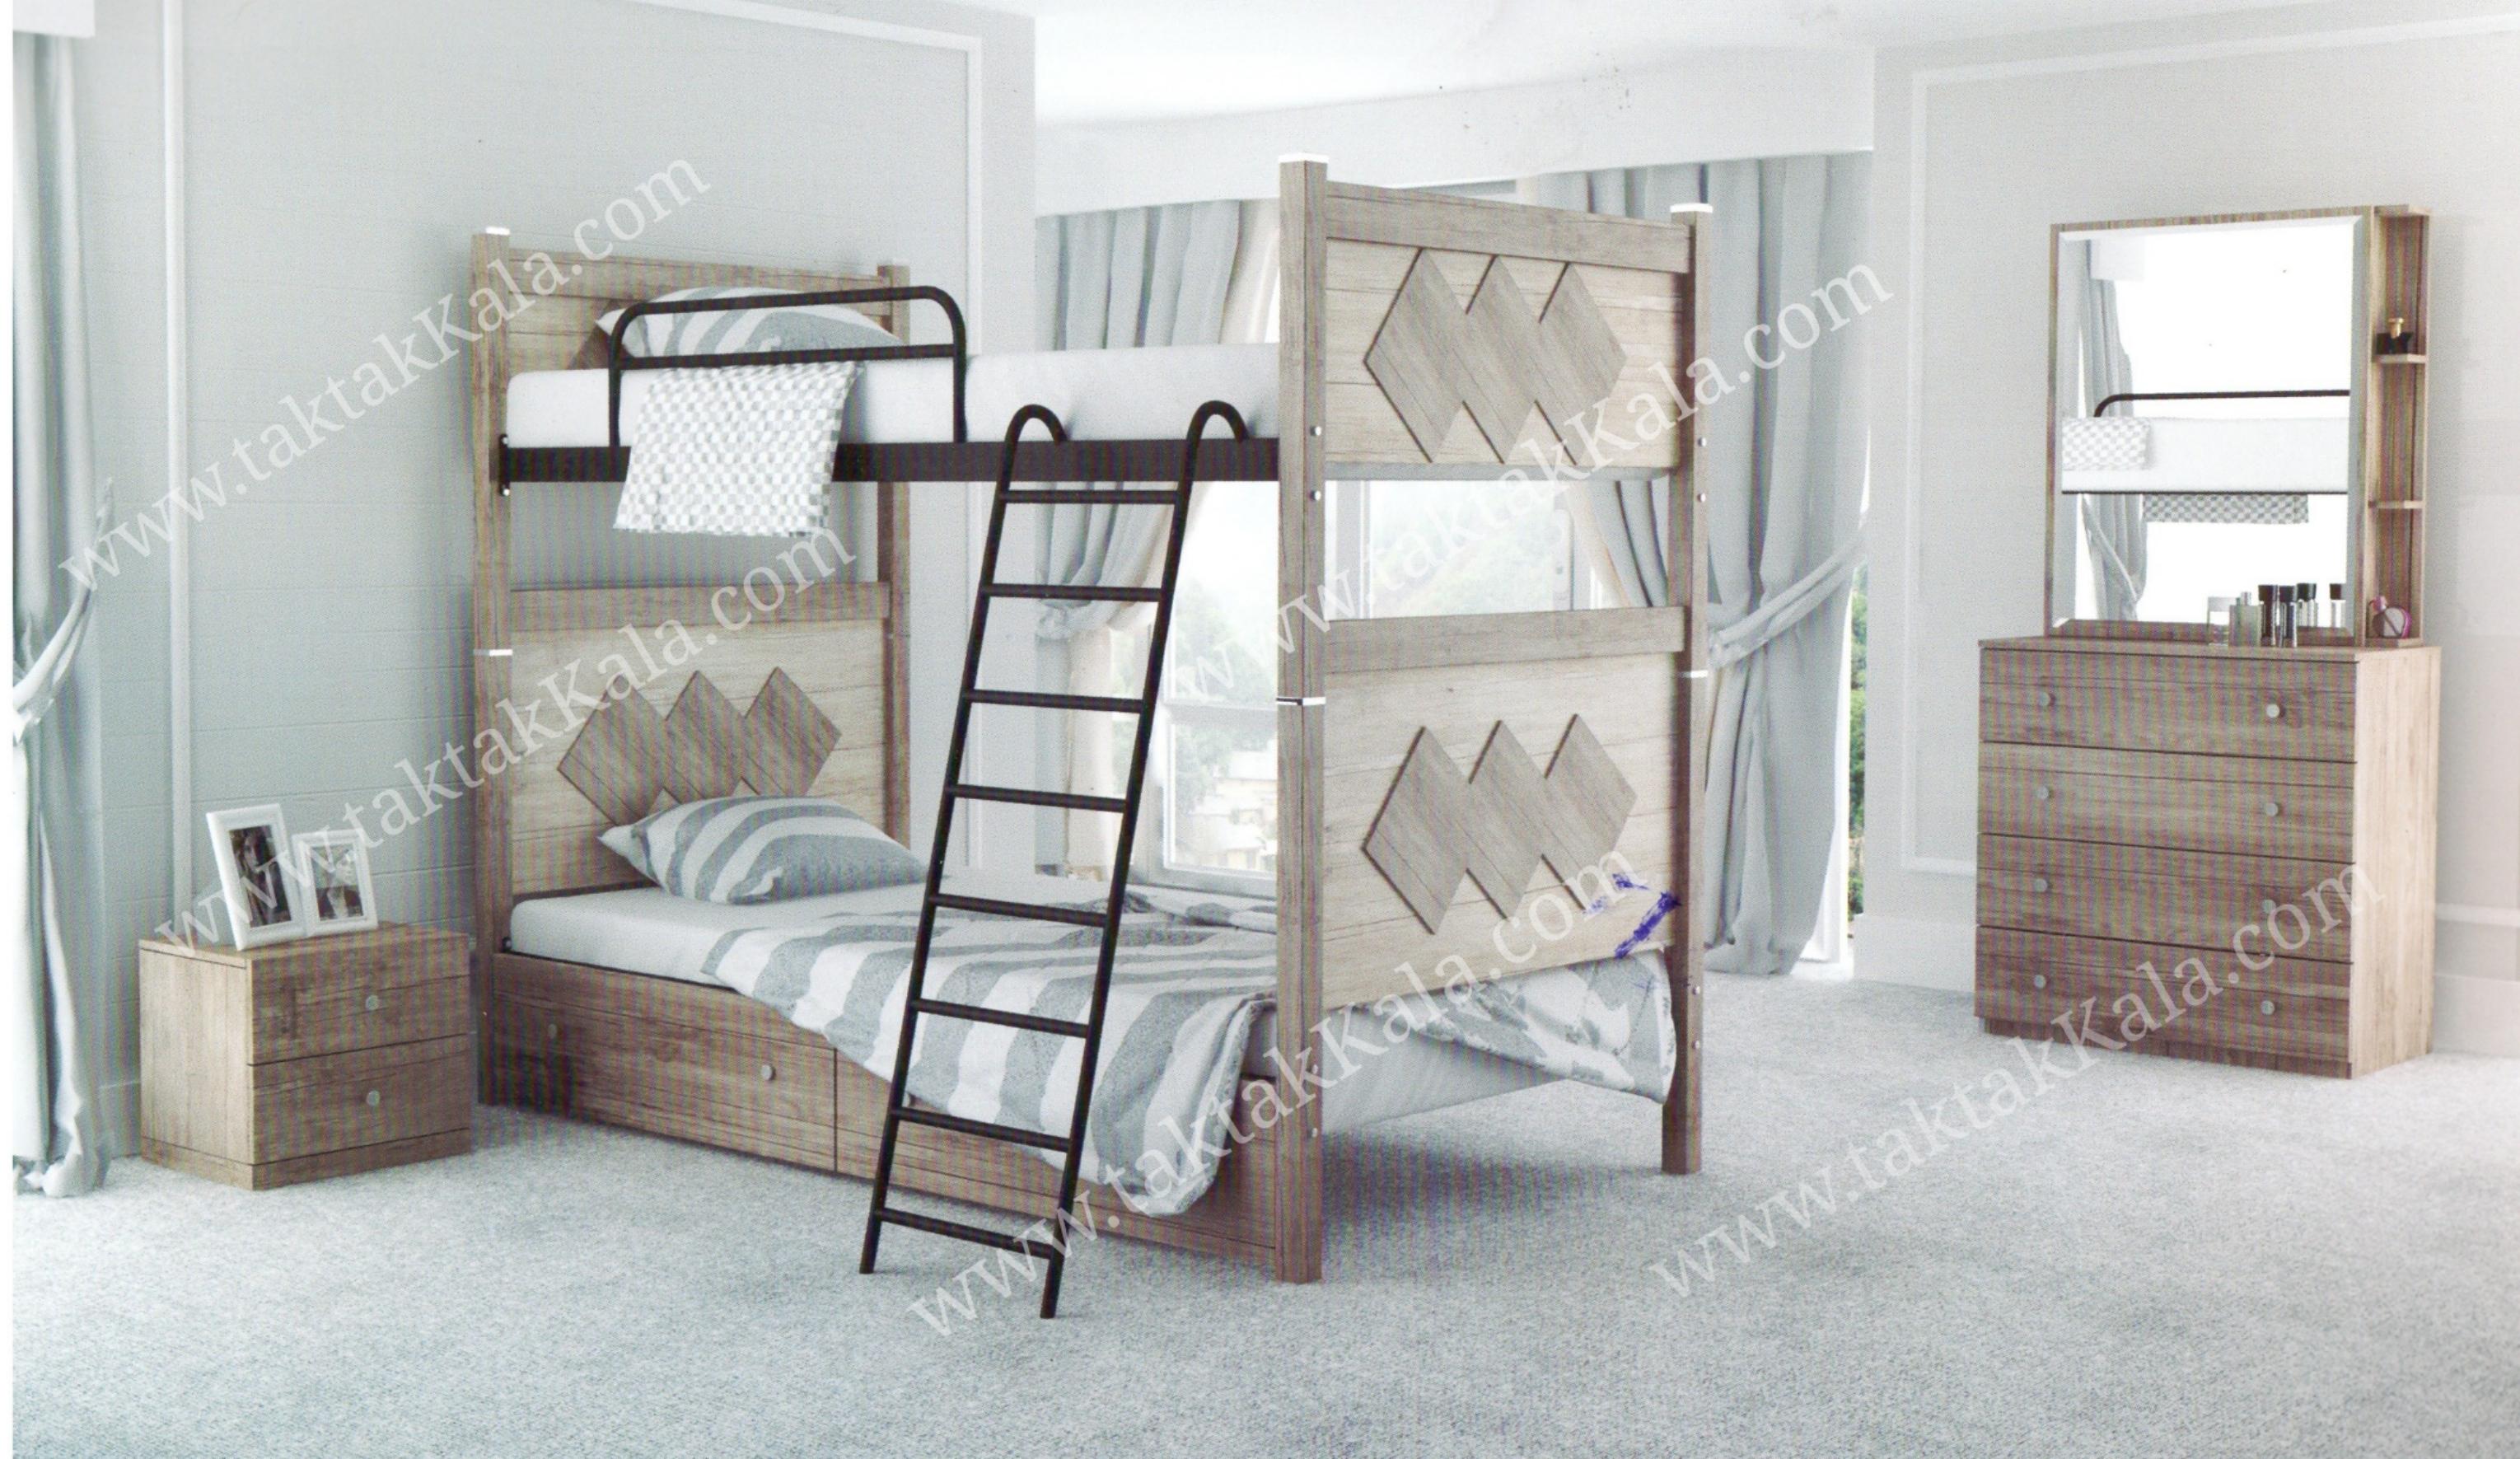 تخت خواب دو طبقه مدل ارغوان